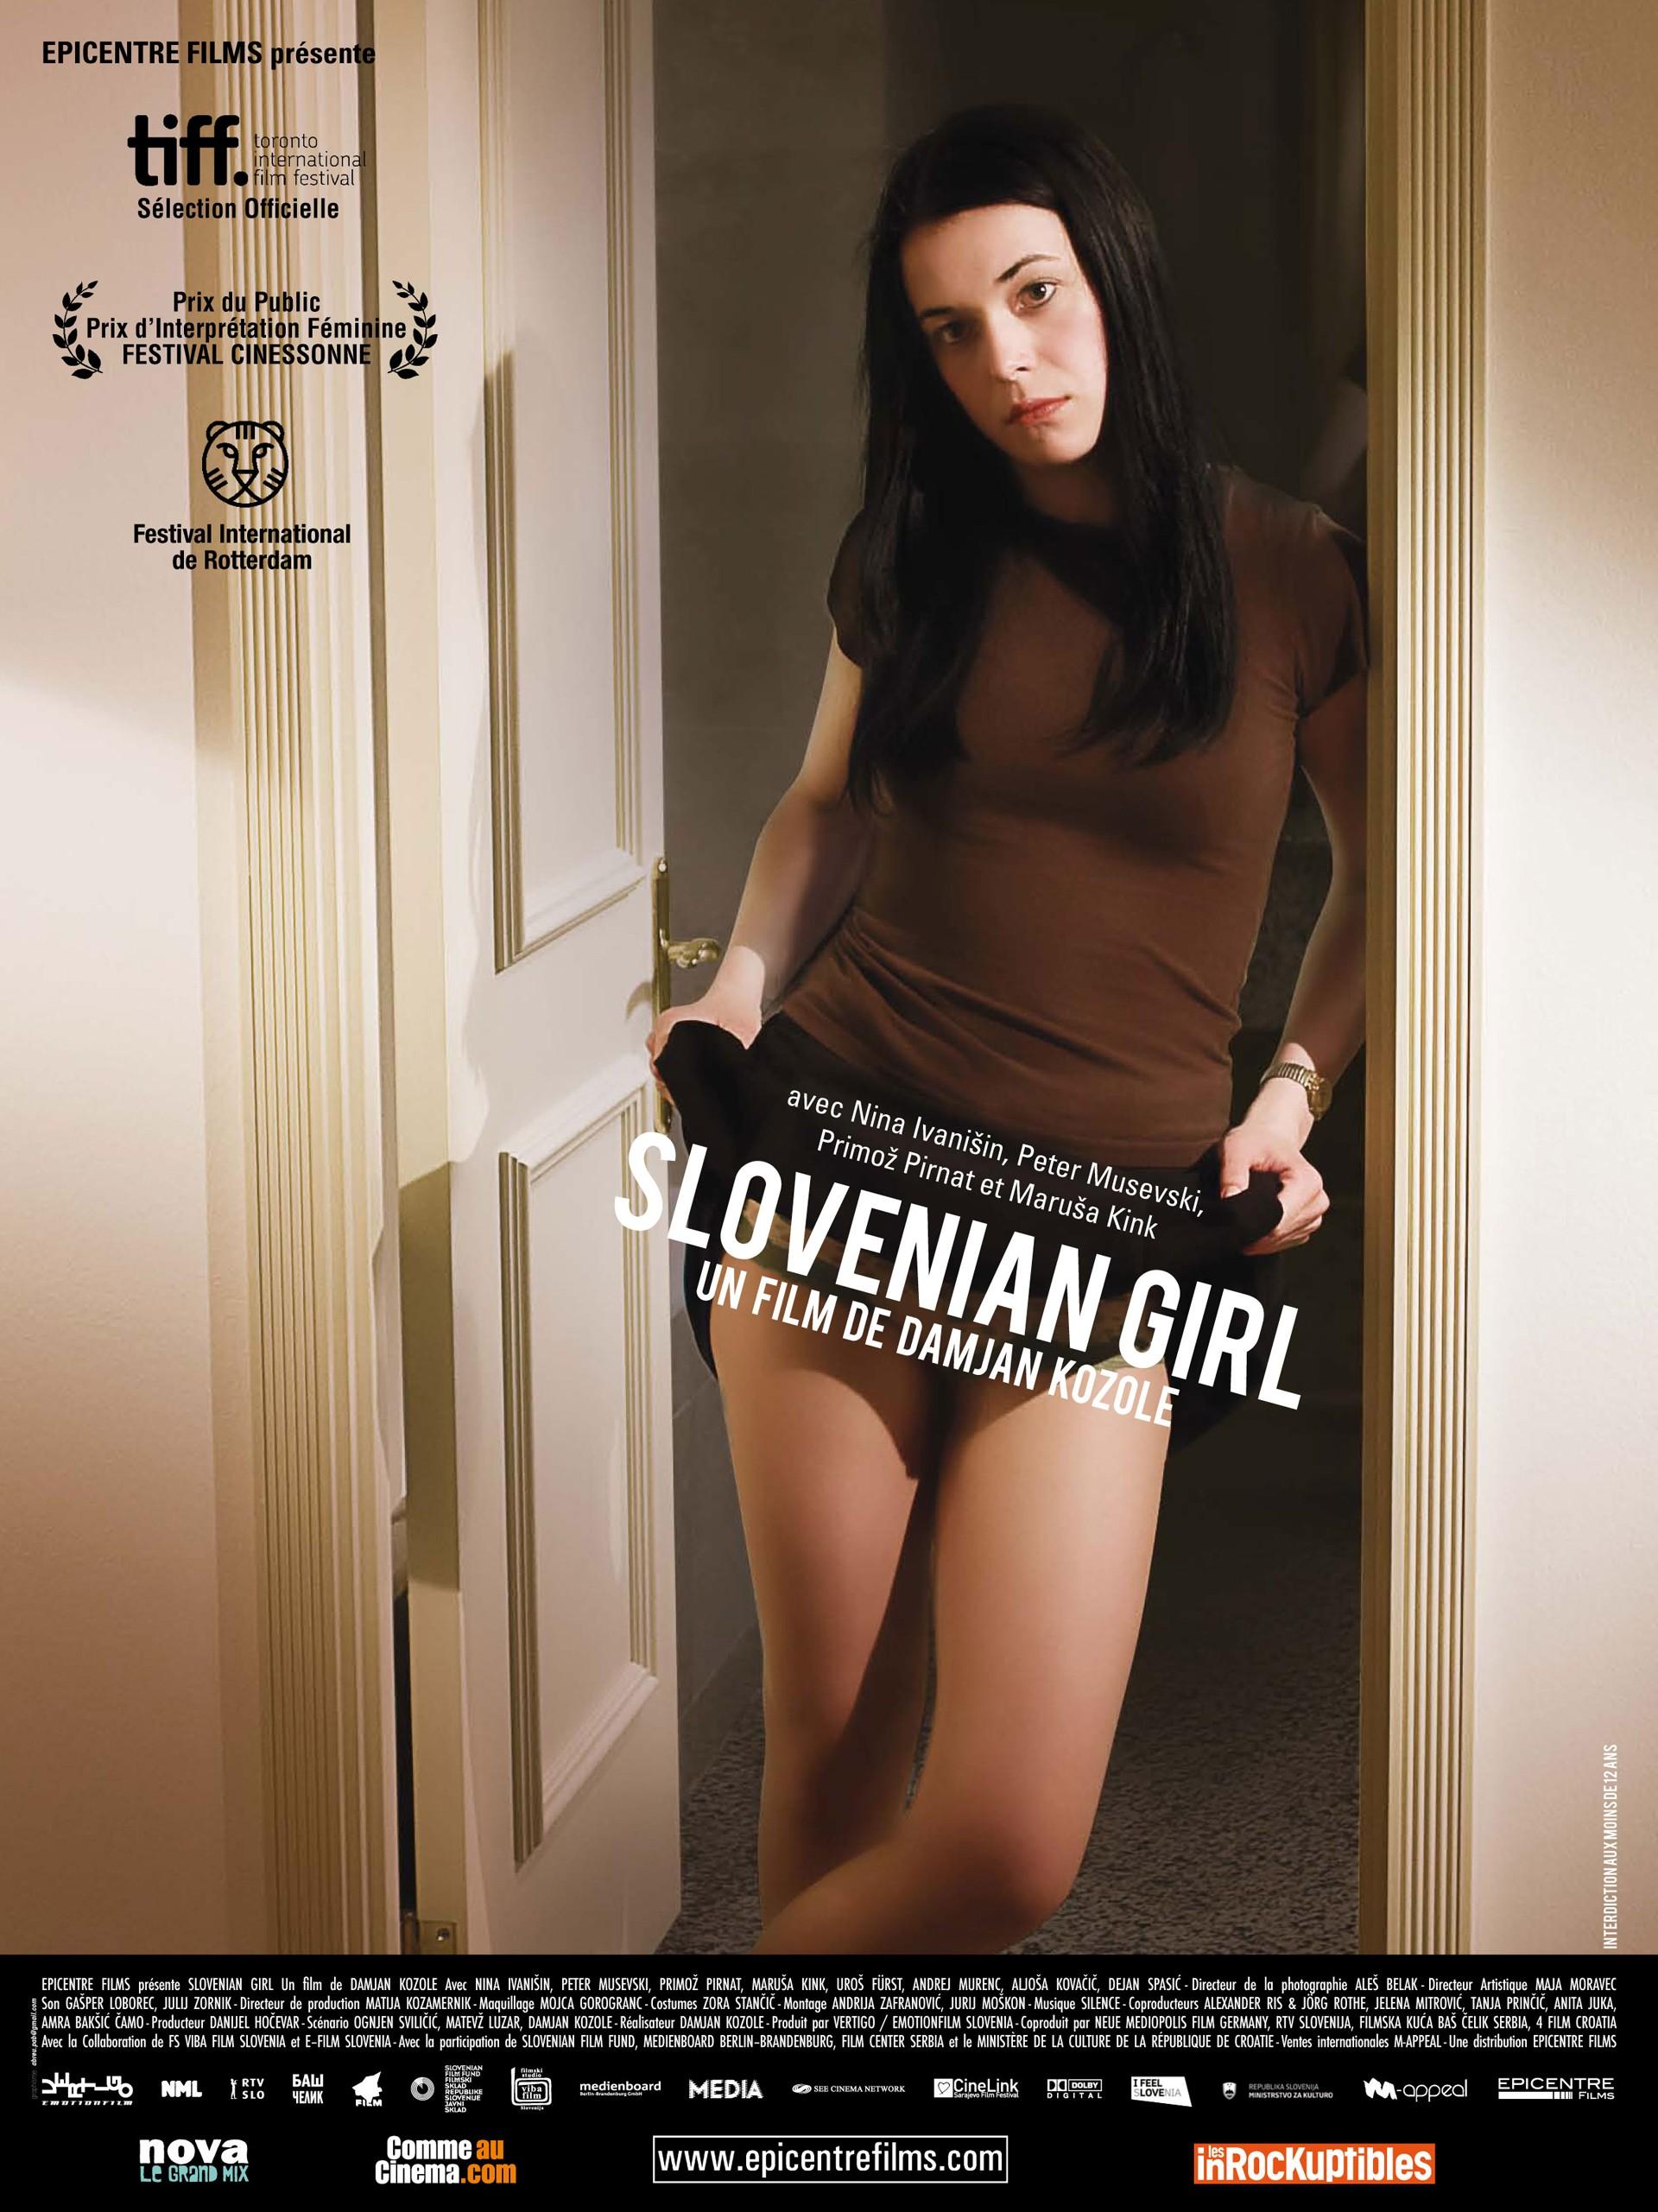 Call girl slovenka film izle